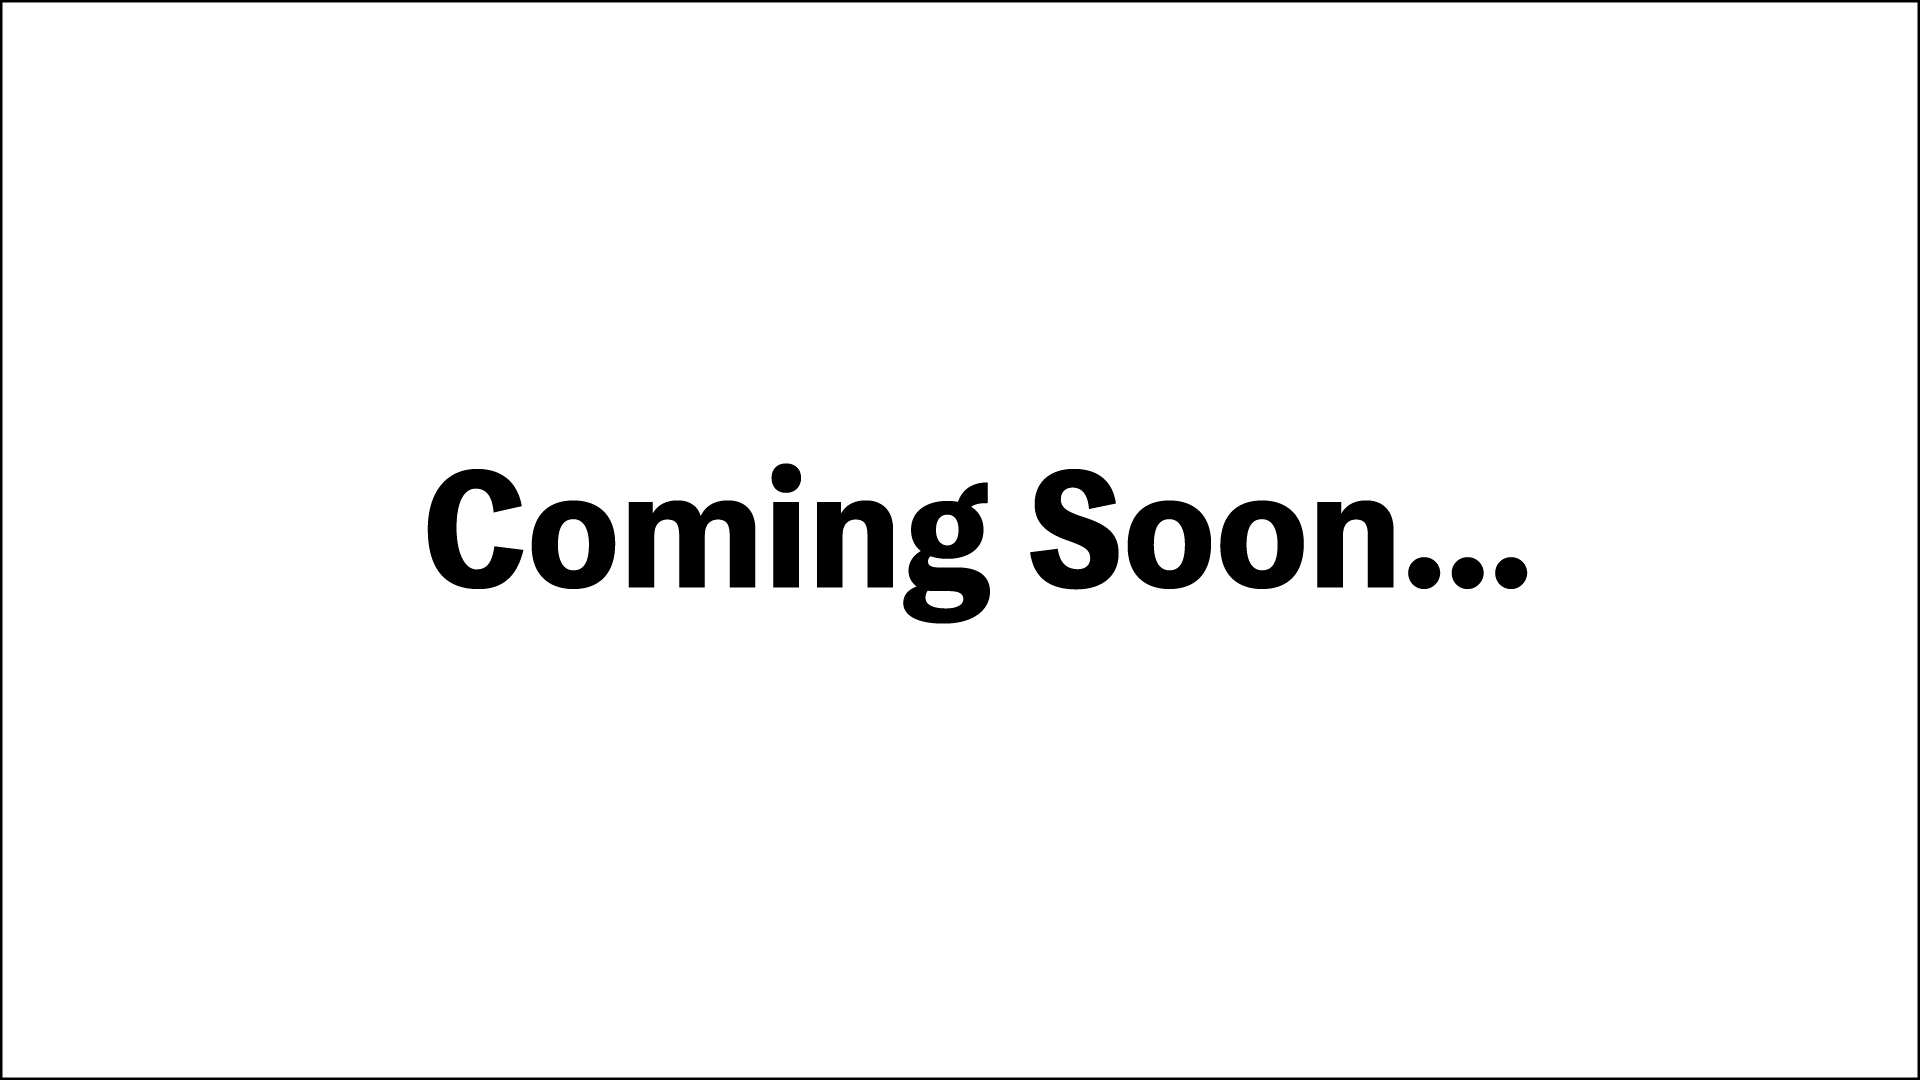 5LAKES&MT ブランドデビュープレゼントキャンペーン(公式アカウントフォローキャンペーン)